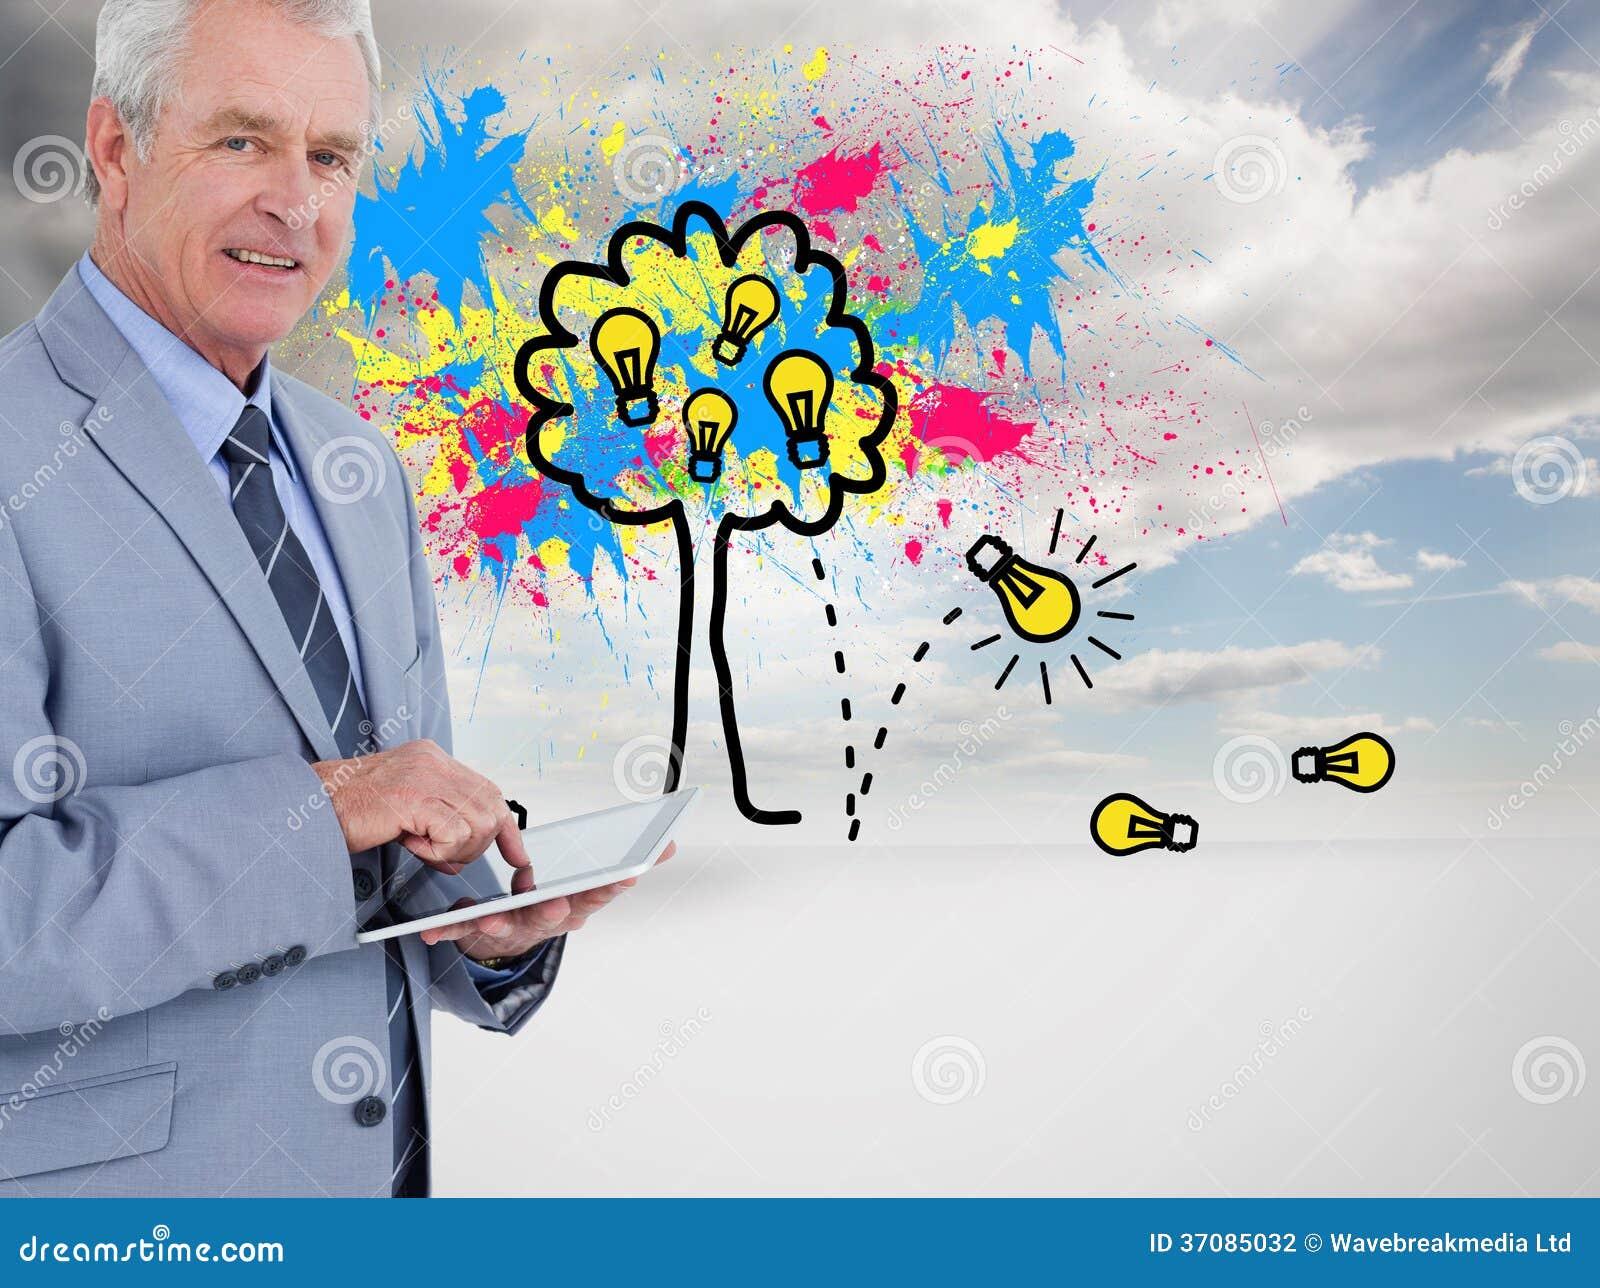 Download Boczny Widok Dojrzały Tradesman Z Pastylka Komputerem Ilustracji - Ilustracja złożonej z komputer, wytwarza: 37085032